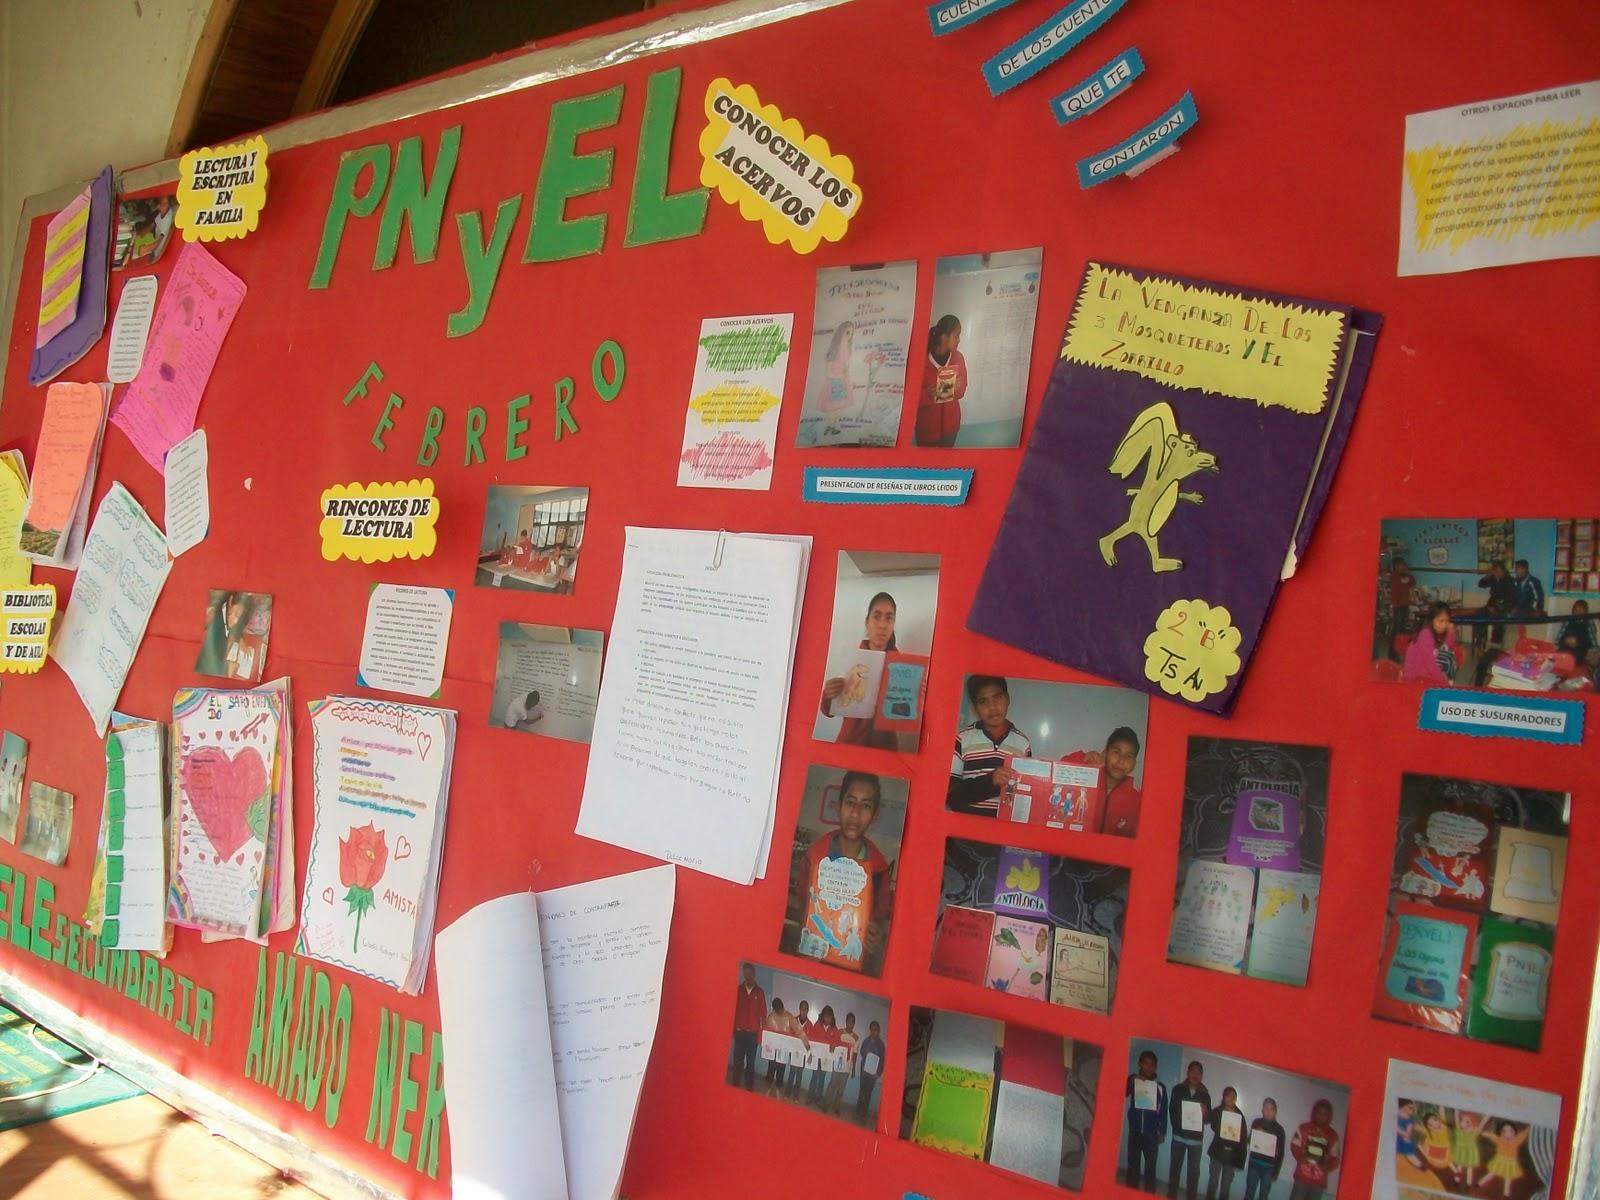 Supervisi n escolar zona 83 zongolica peri dico mural pnl for Contenido del periodico mural